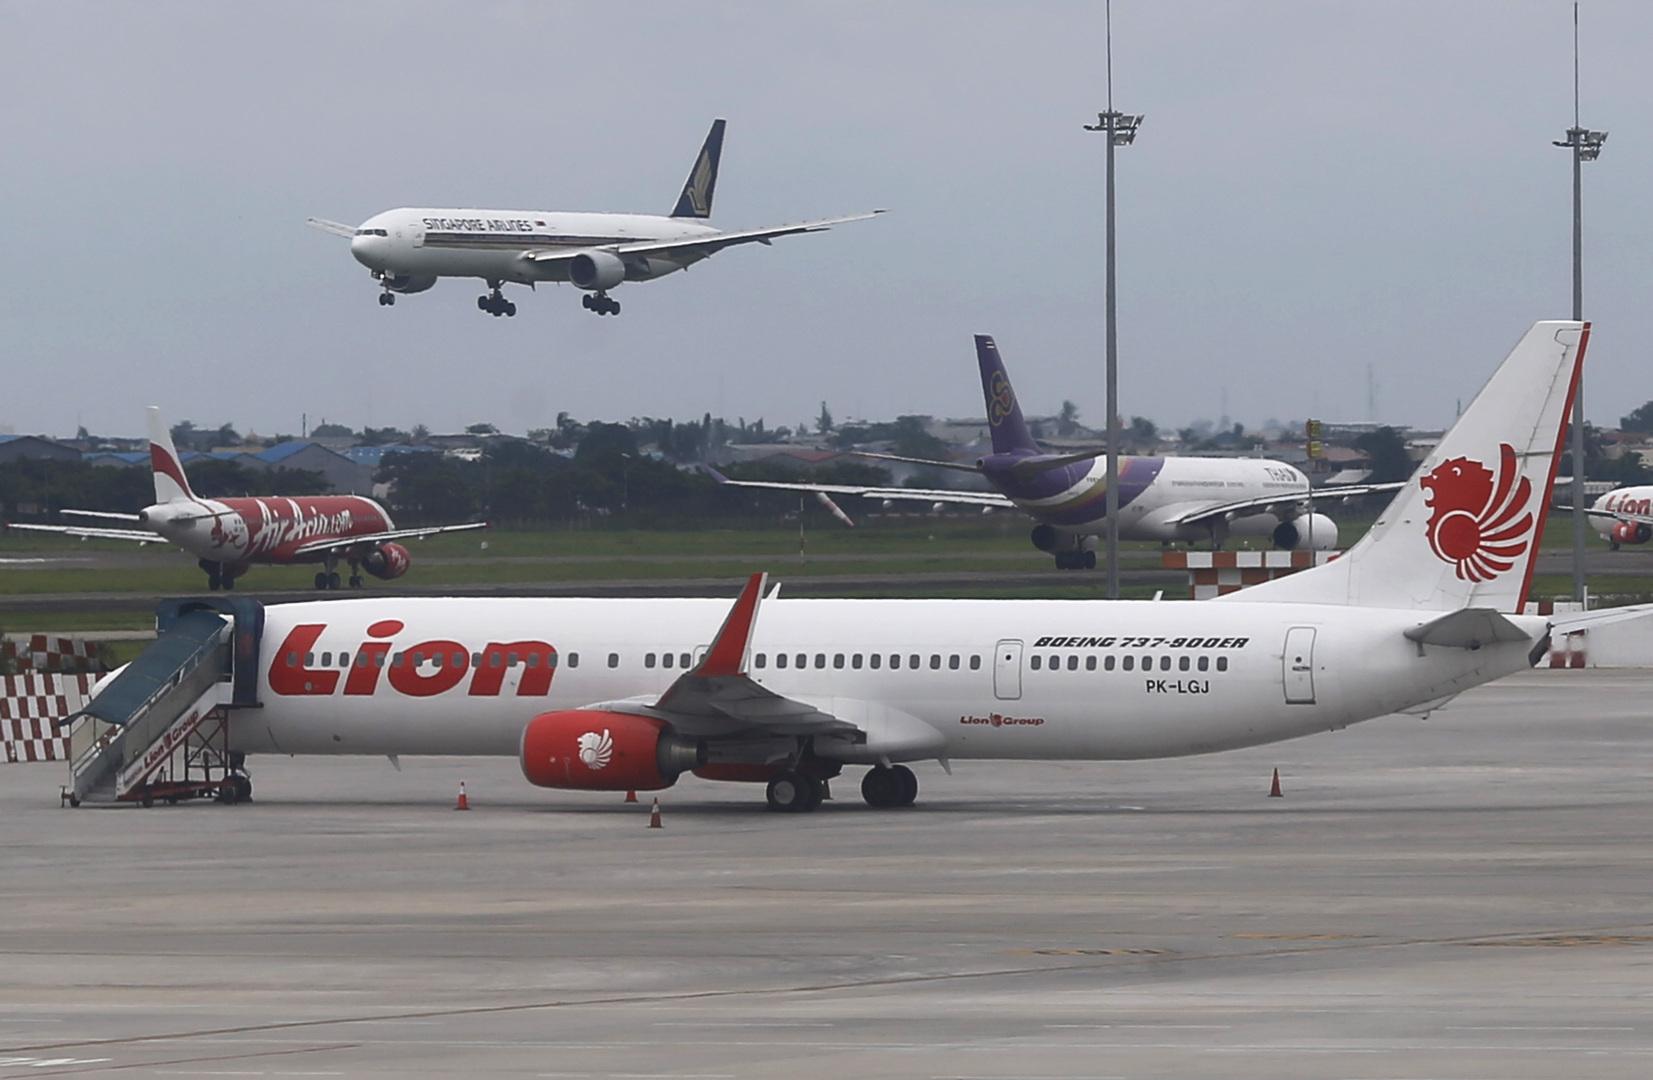 إندونيسيا تؤكد تحطم طائرة الركاب التابعة لشركة